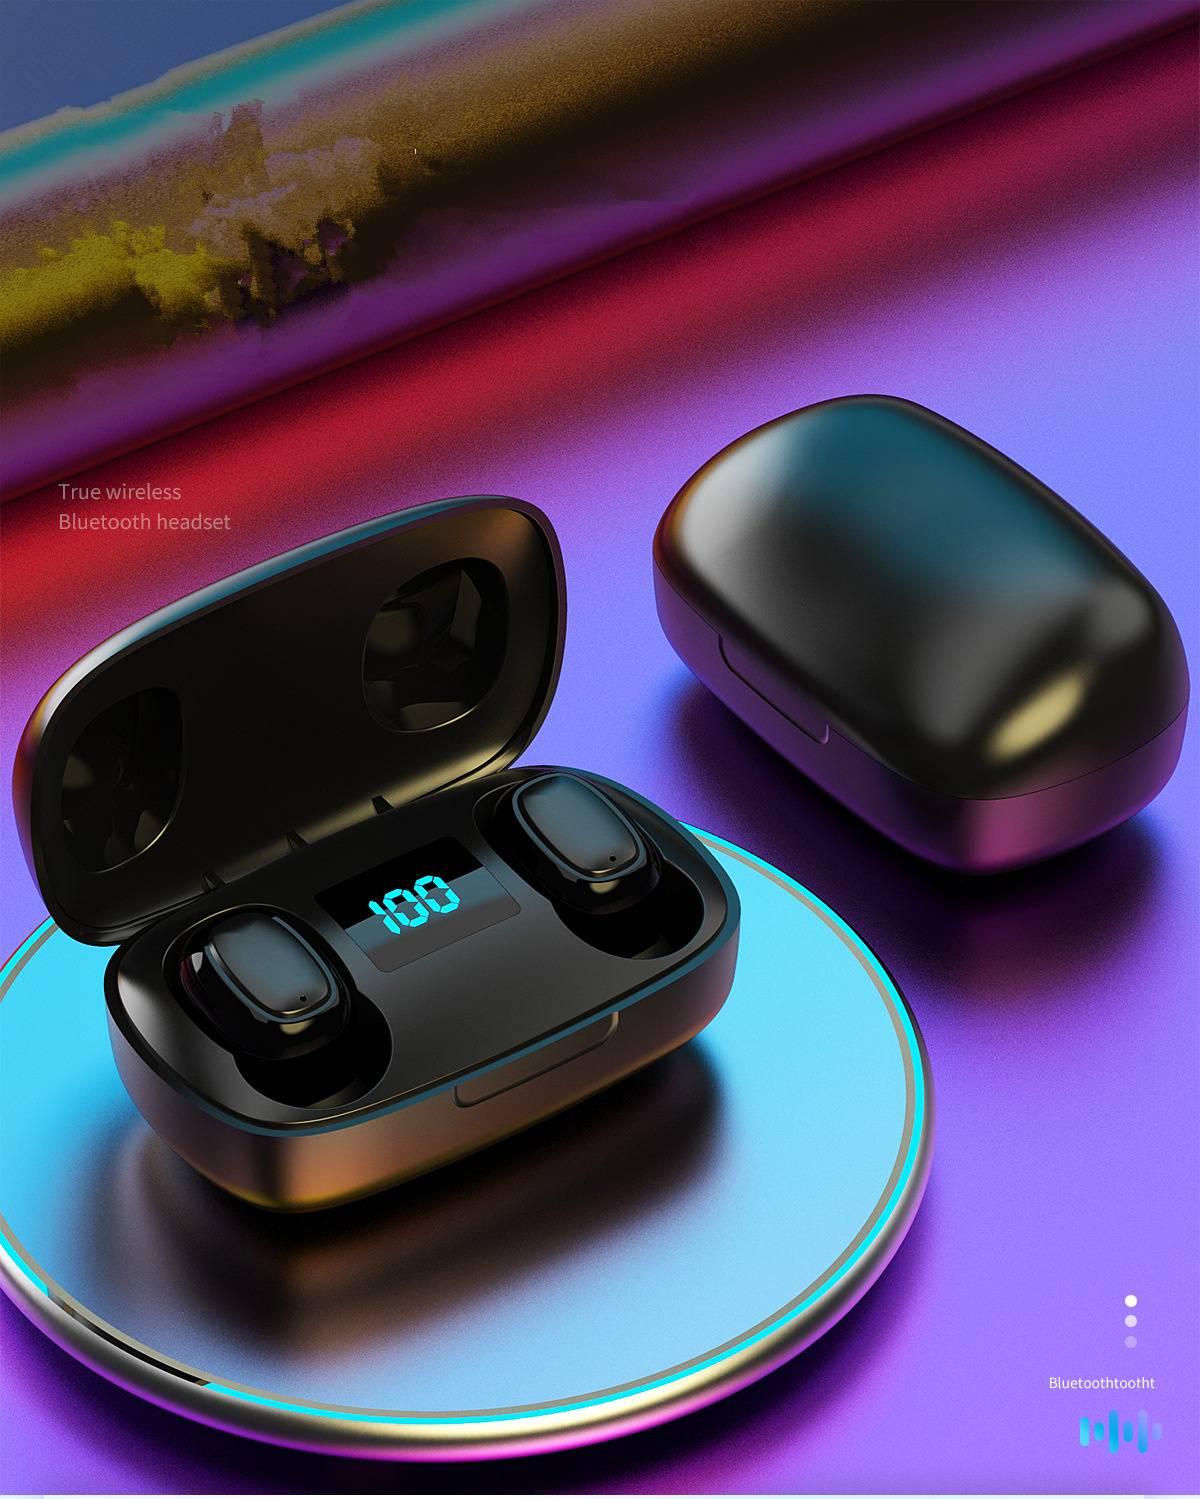 真无线蓝牙耳机双耳游戏运动隐形华为vivo小米iPhone安卓通用T10